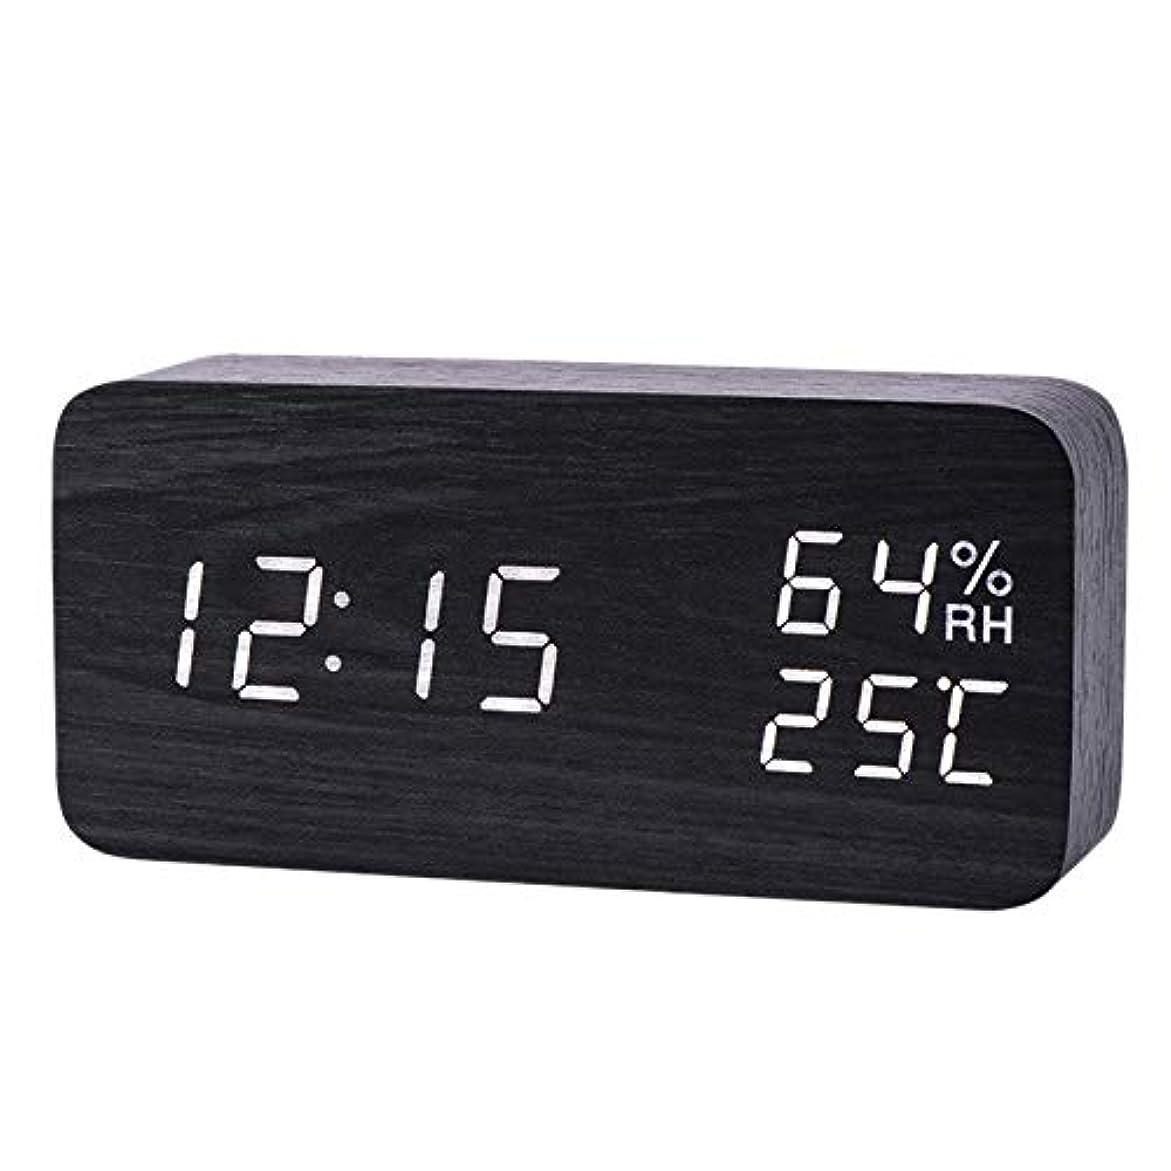 解凍する、雪解け、霜解け感じる乳白色Xigeapg モダンなLed目覚まし時計、温度、湿度、電子デスクトップのデジタル置時計、黒色 + 白色の字幕